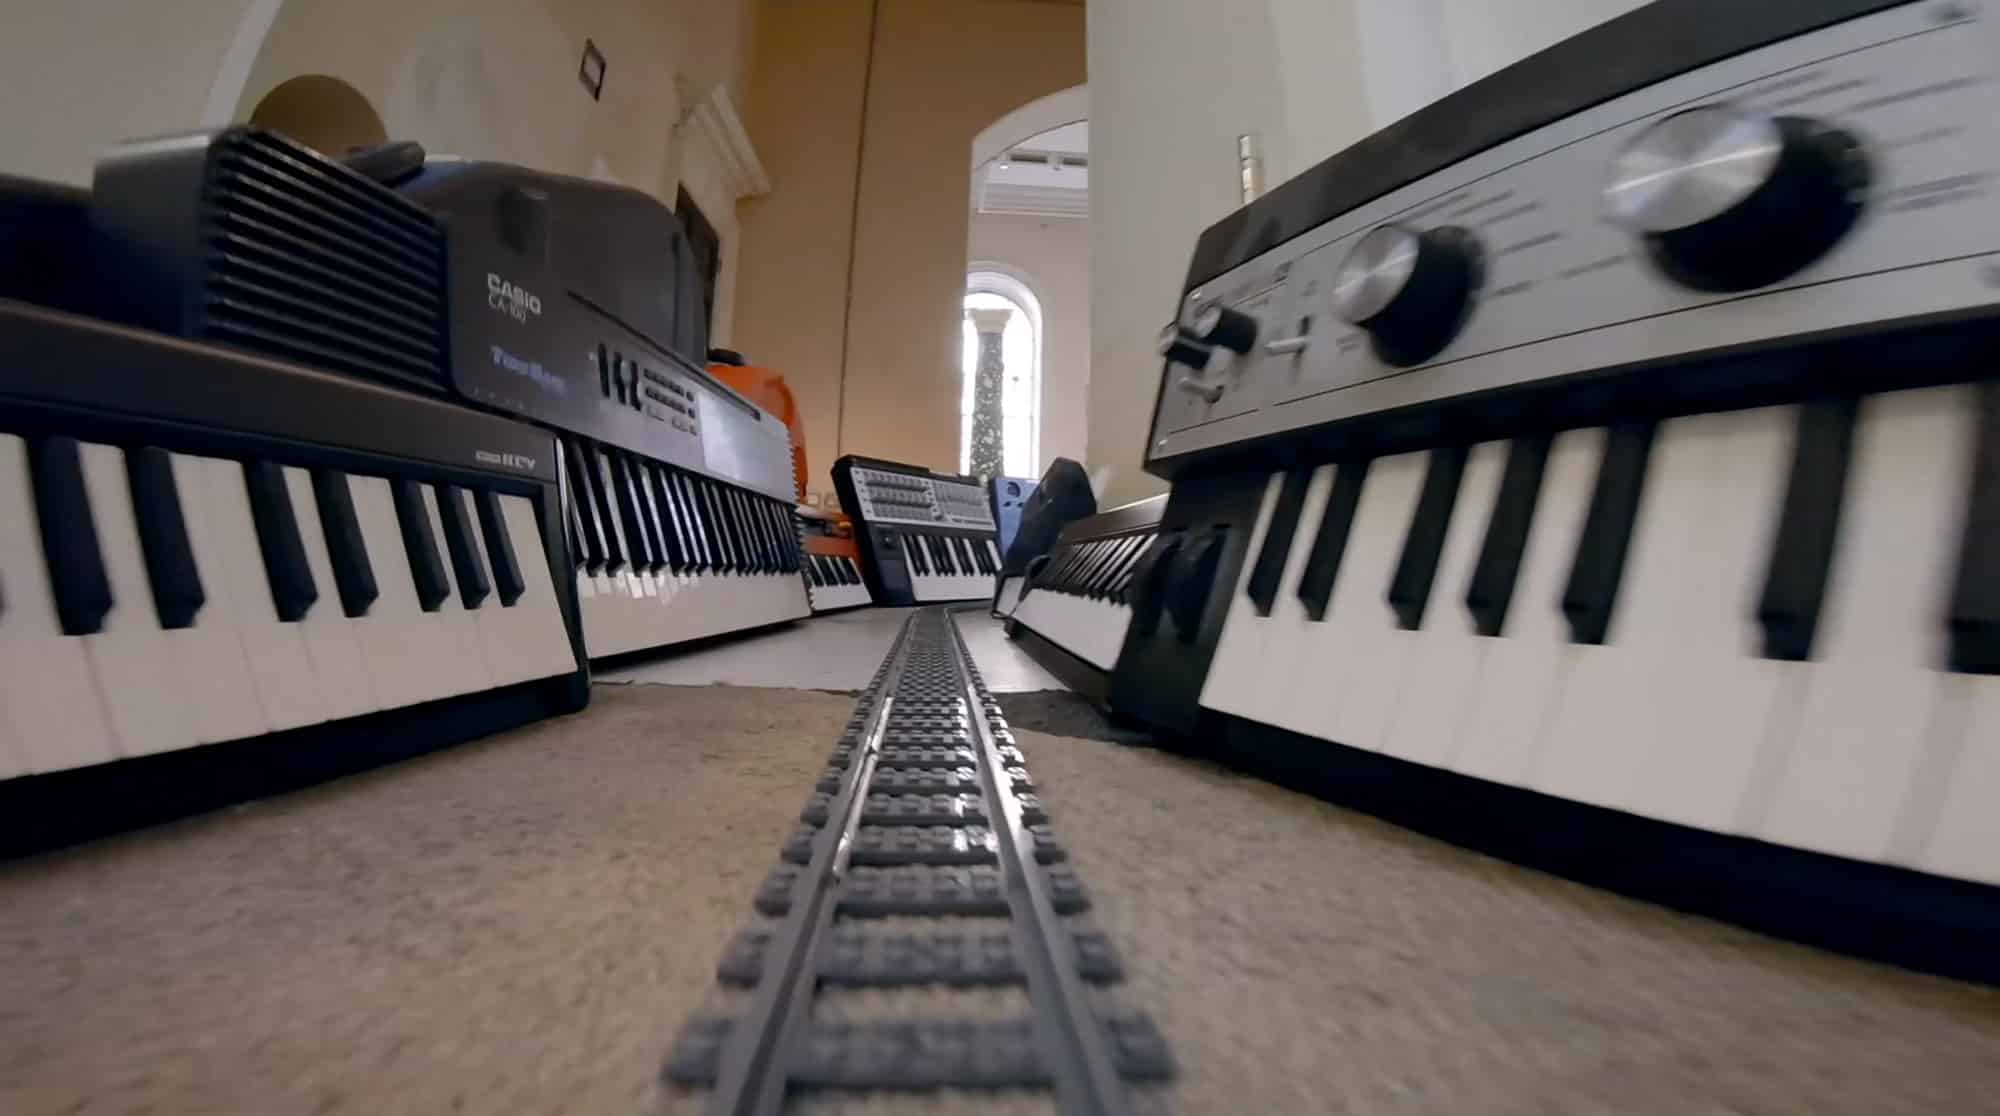 موزیک ویدیو ANNA MEREDITH - Paramour ؛ ویدیویی خلاقانه زاویه دید قطاراسباب بازی